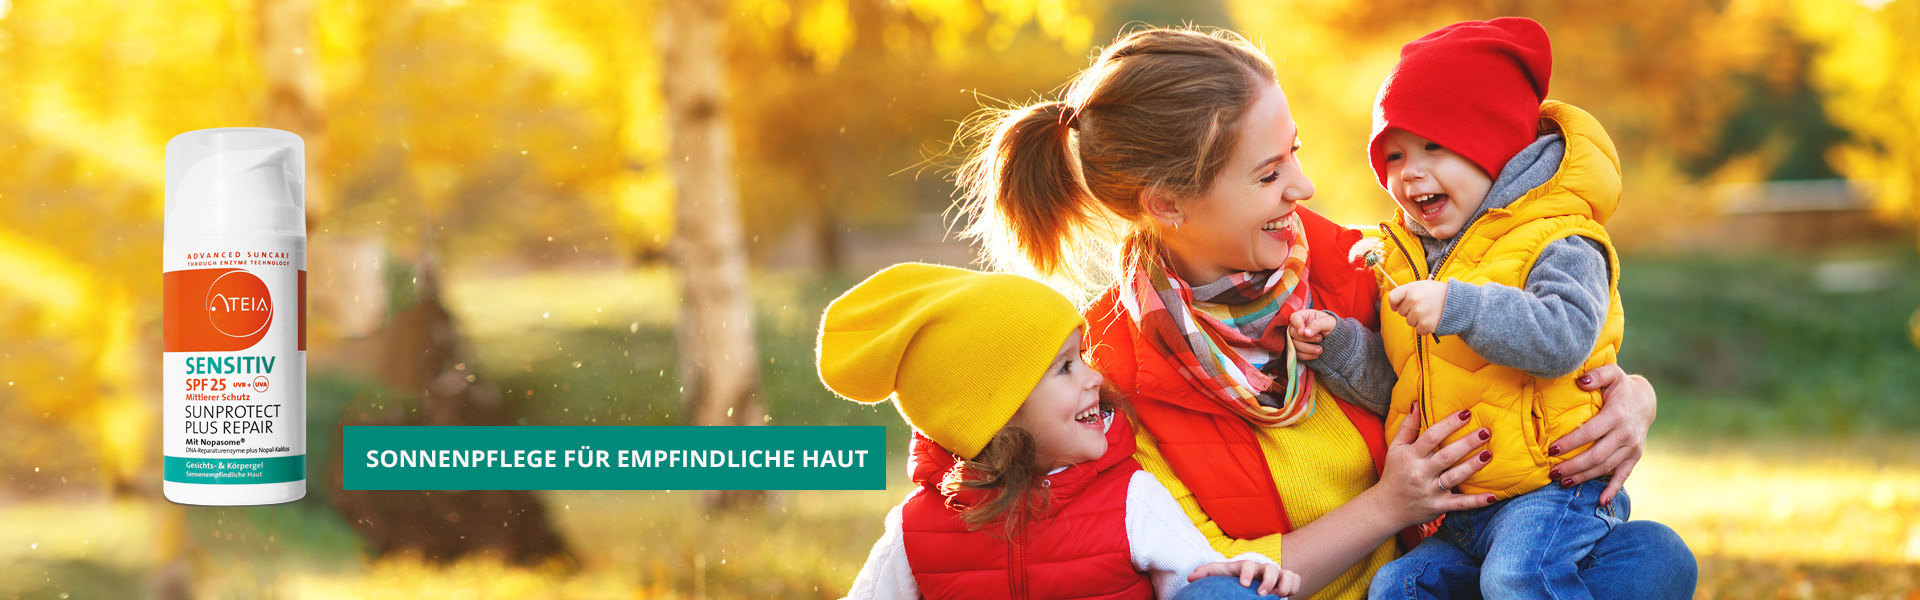 sonnenpflege-empfindlich-de-2019